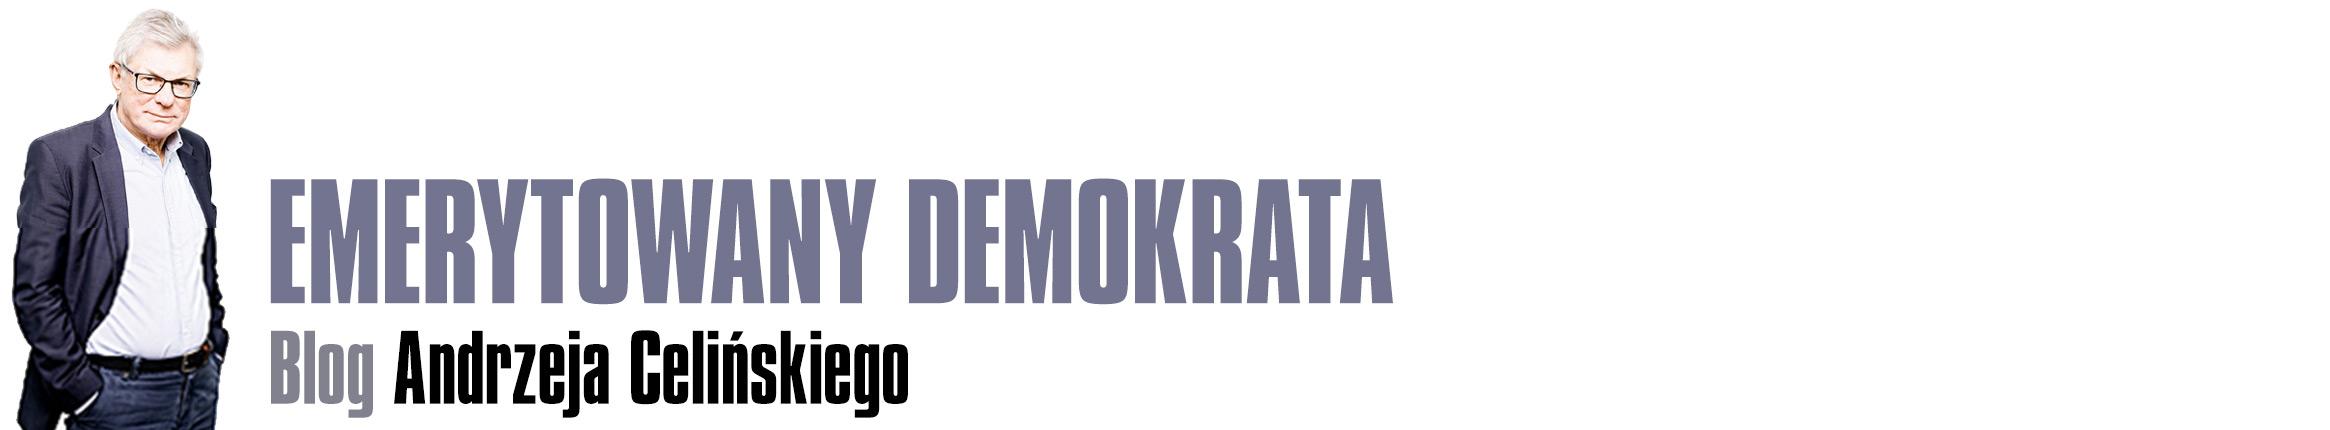 Emerytowany demokrata - Blog Andrzeja Celińskiego